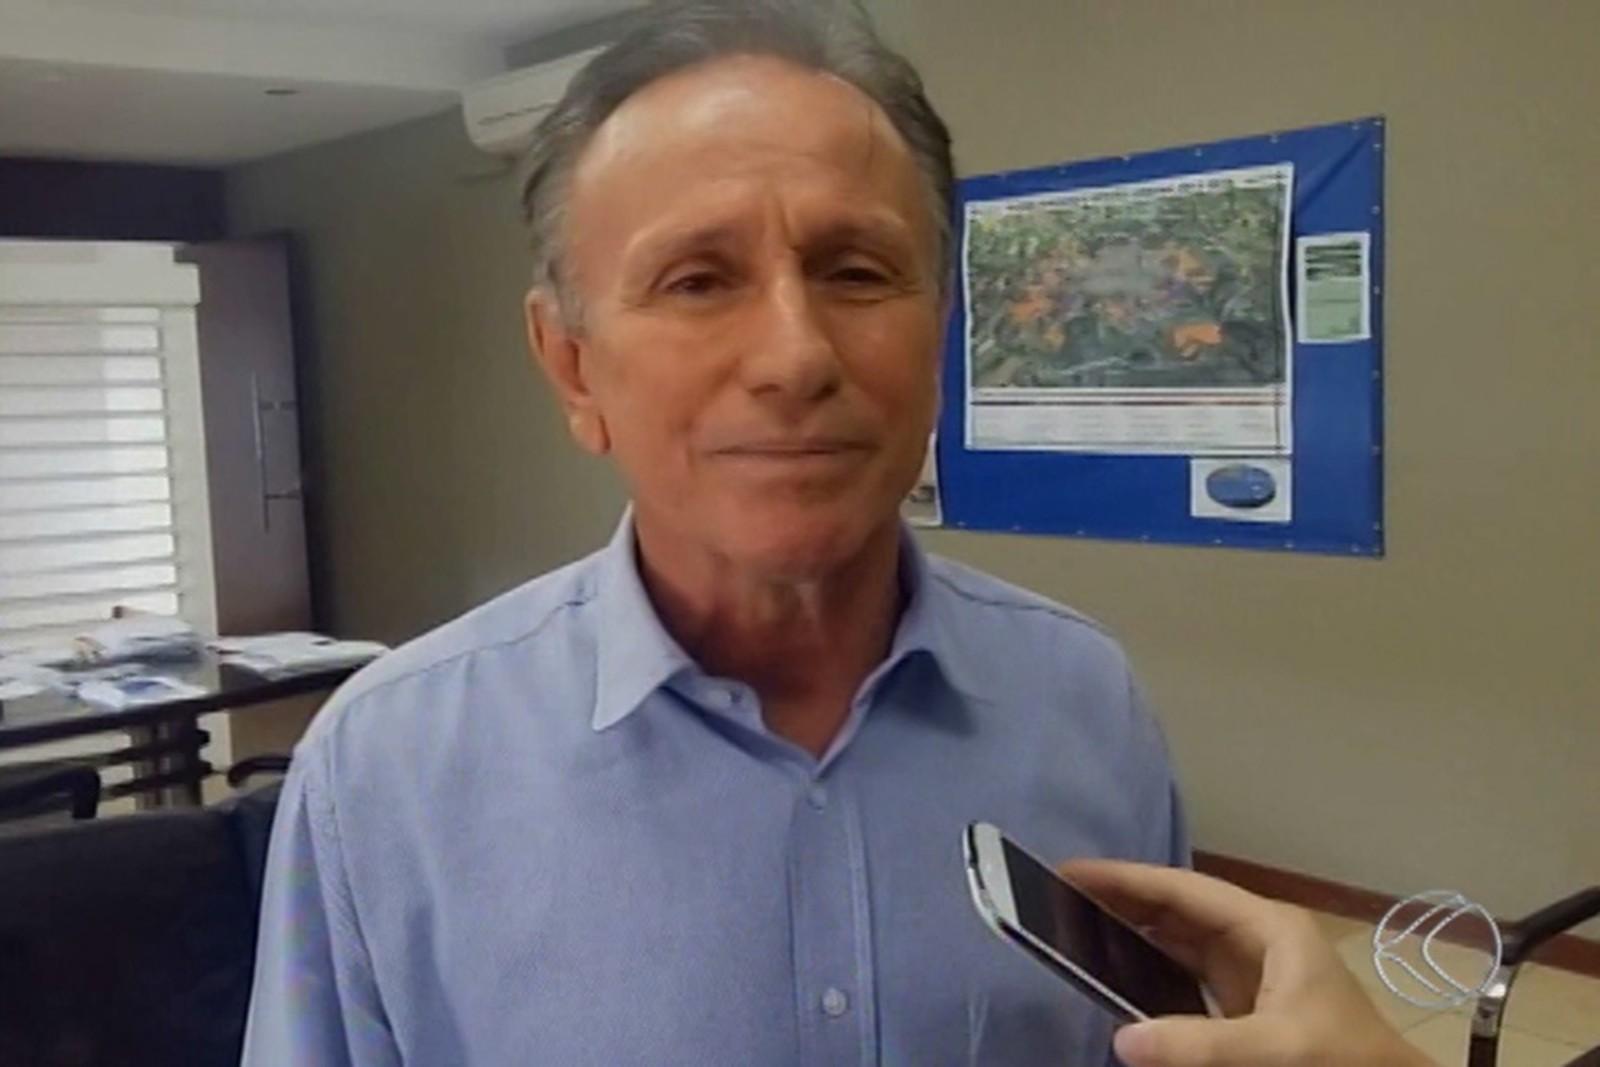 Coronavírus: prefeito de Uberaba anuncia reabertura do comércio, mas com restrições